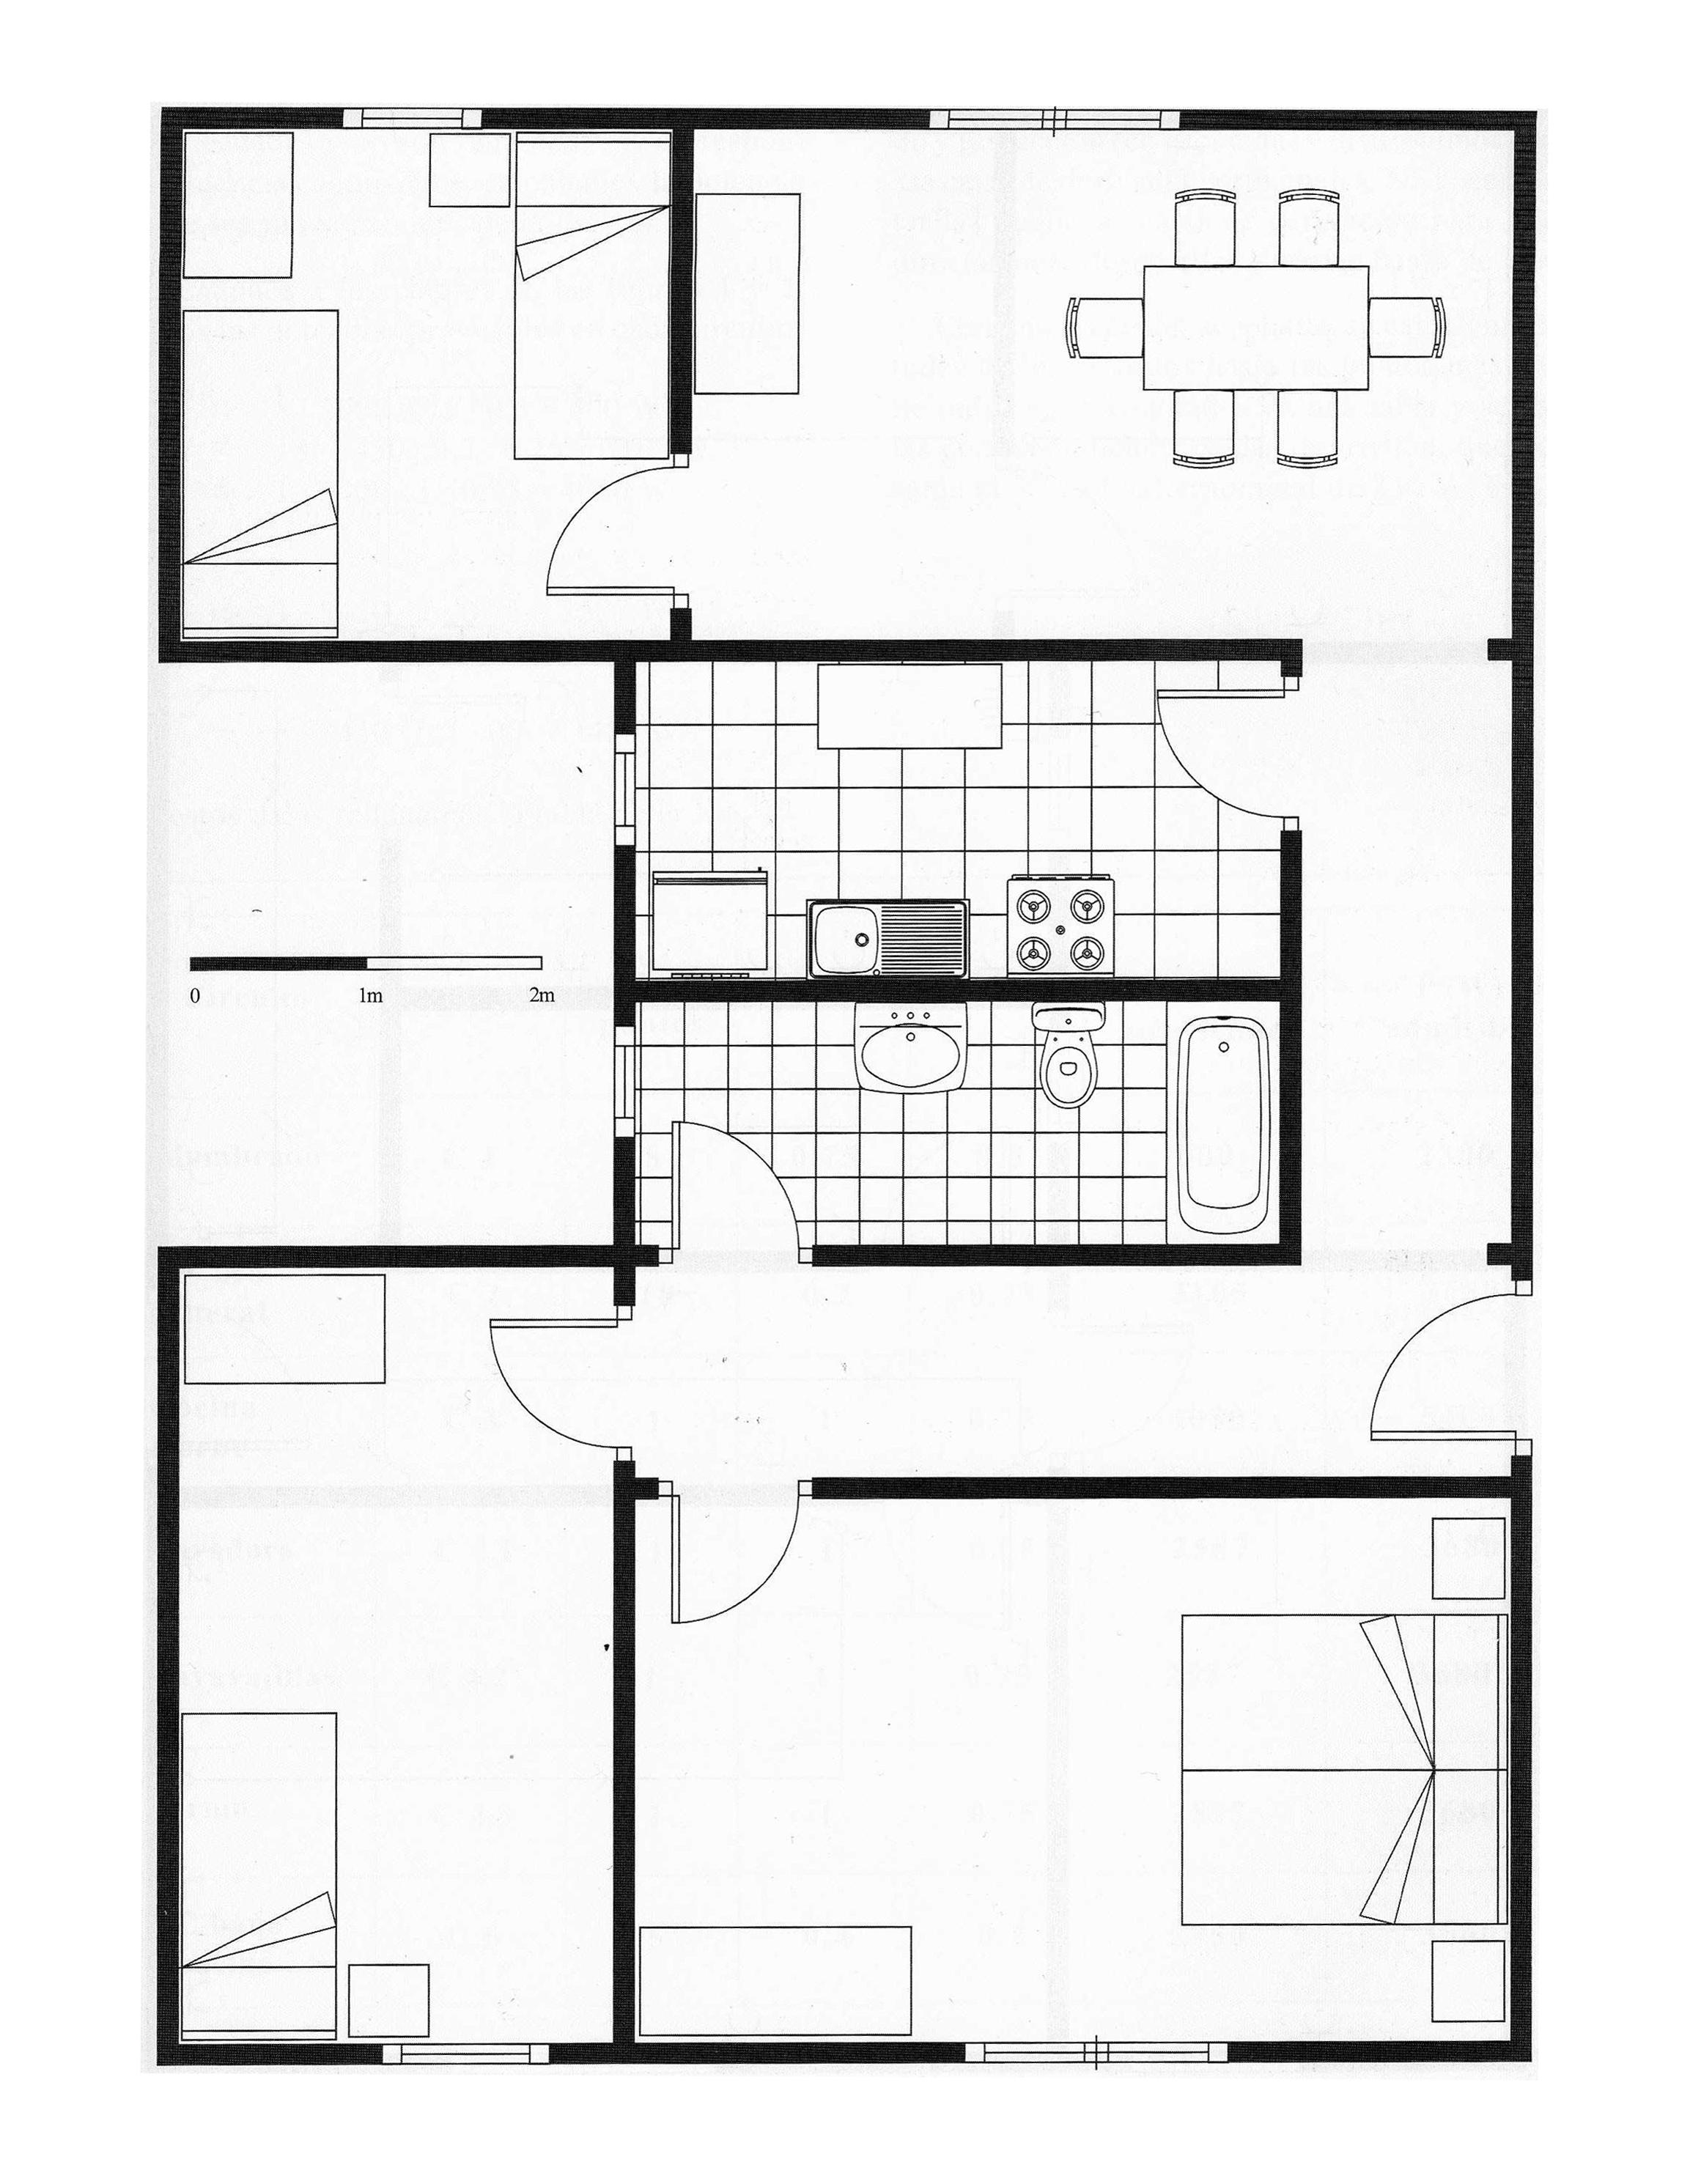 Manteniment al rambla prim el blog dels del pqpi p gina 7 - Planos de una vivienda ...